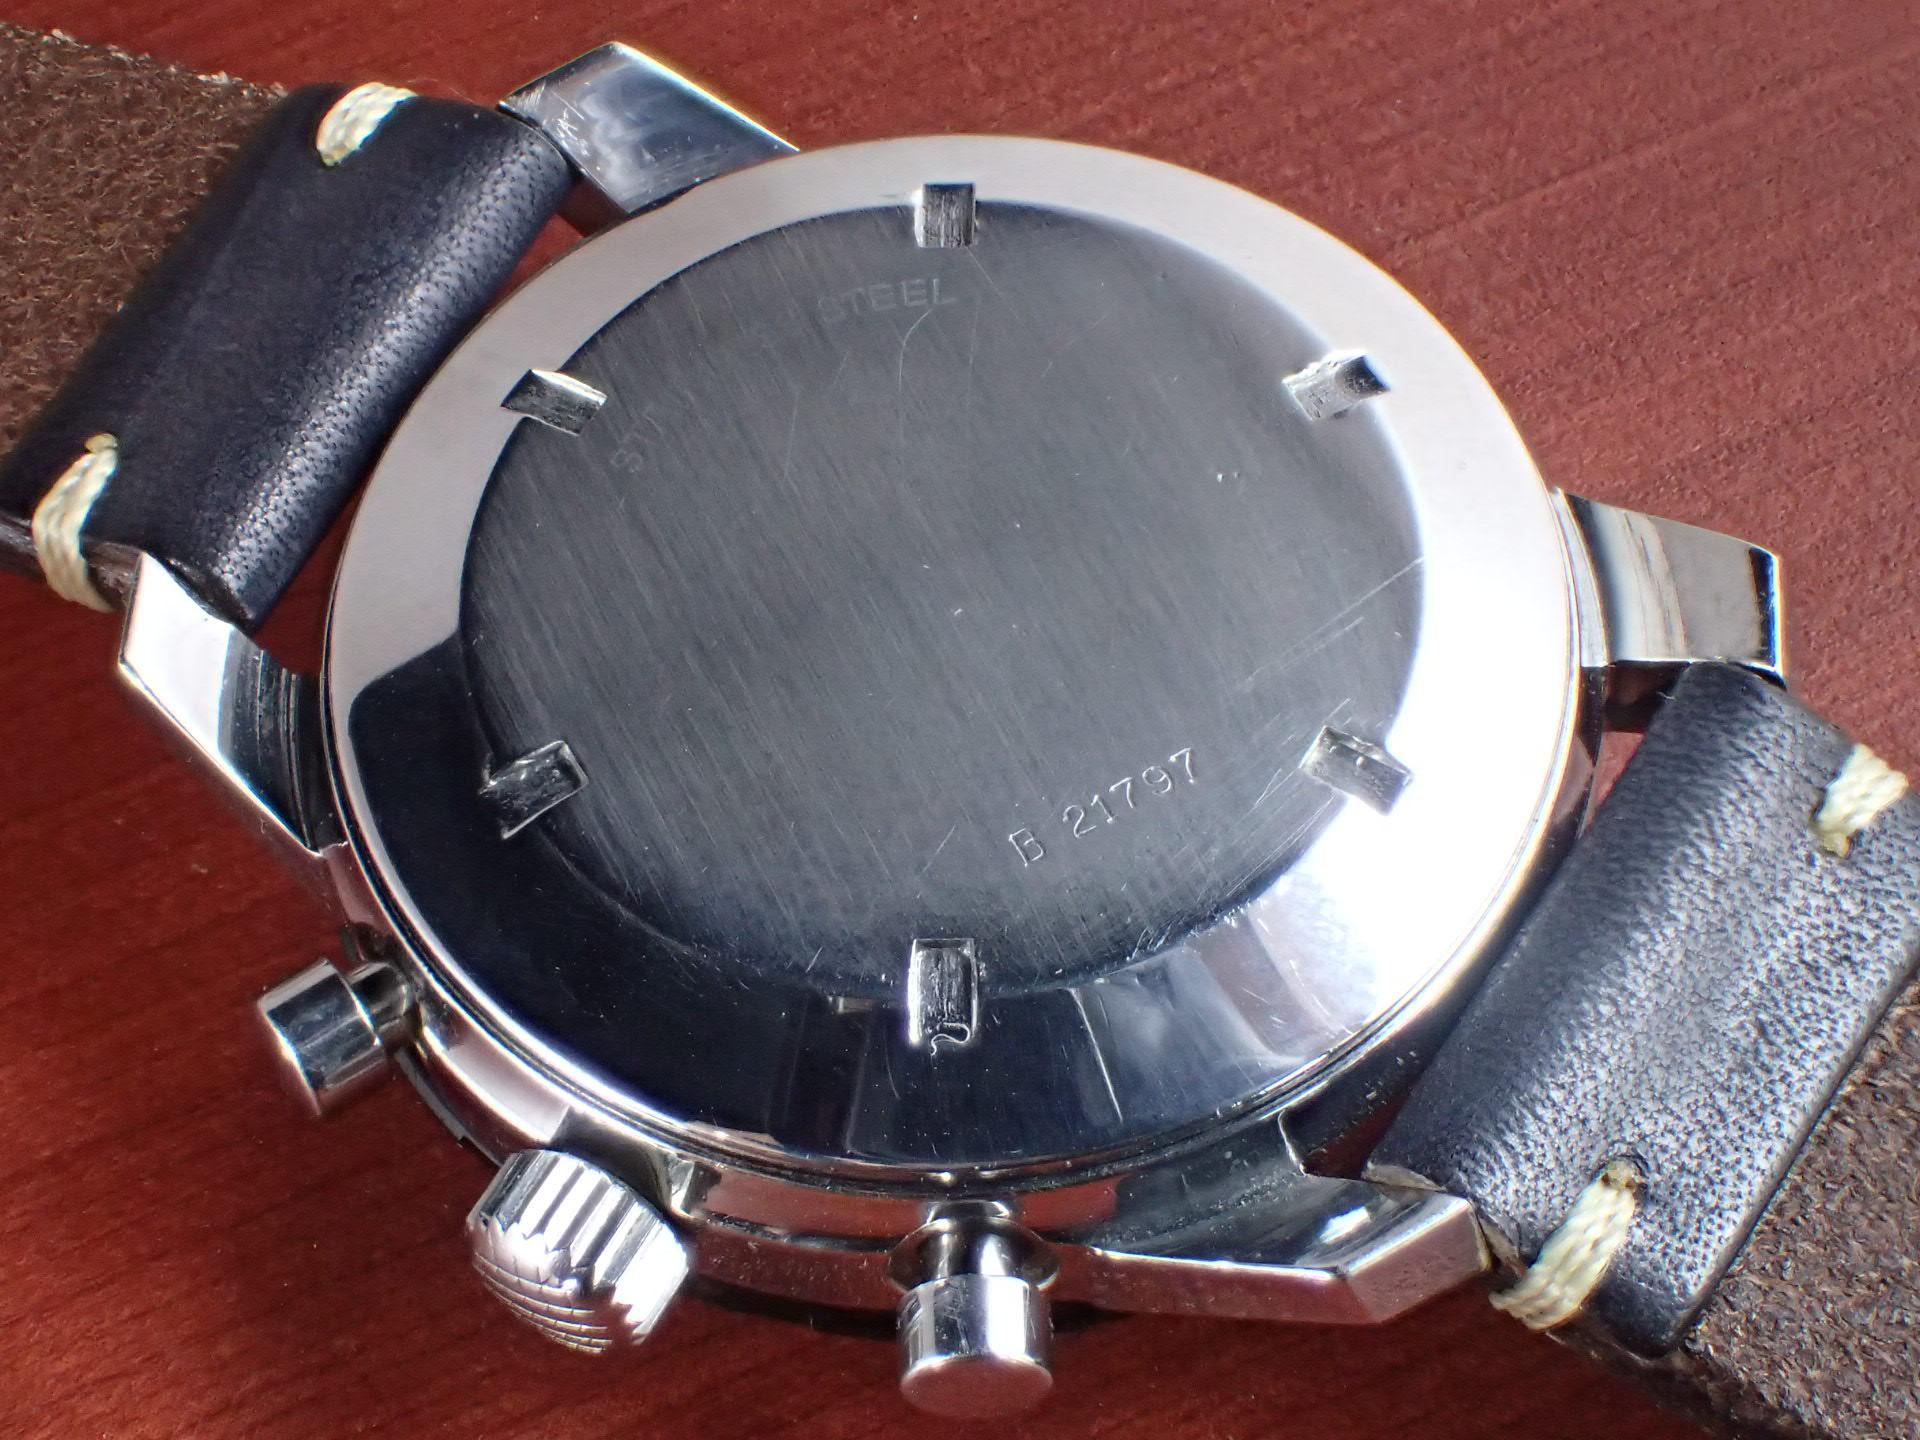 ブレゲ タイプ20 セカンドジェネレーション Cal.Valjoux725 1970年代の写真4枚目